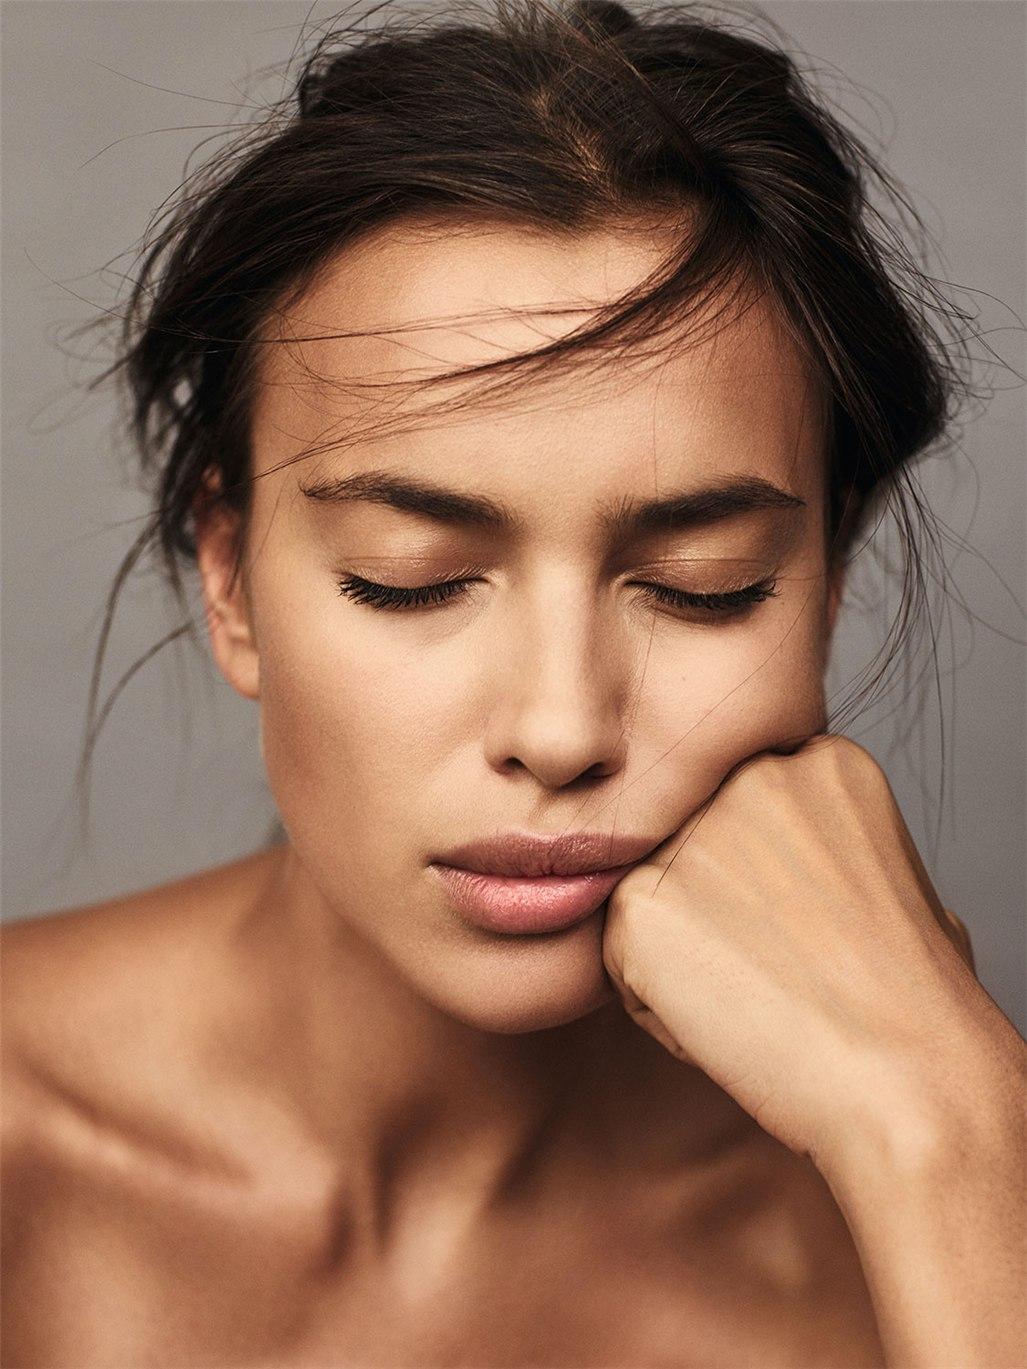 полуголая Ирина Шейк / Irina Shayk by Nico Bustos - Madame Figaro october 2016